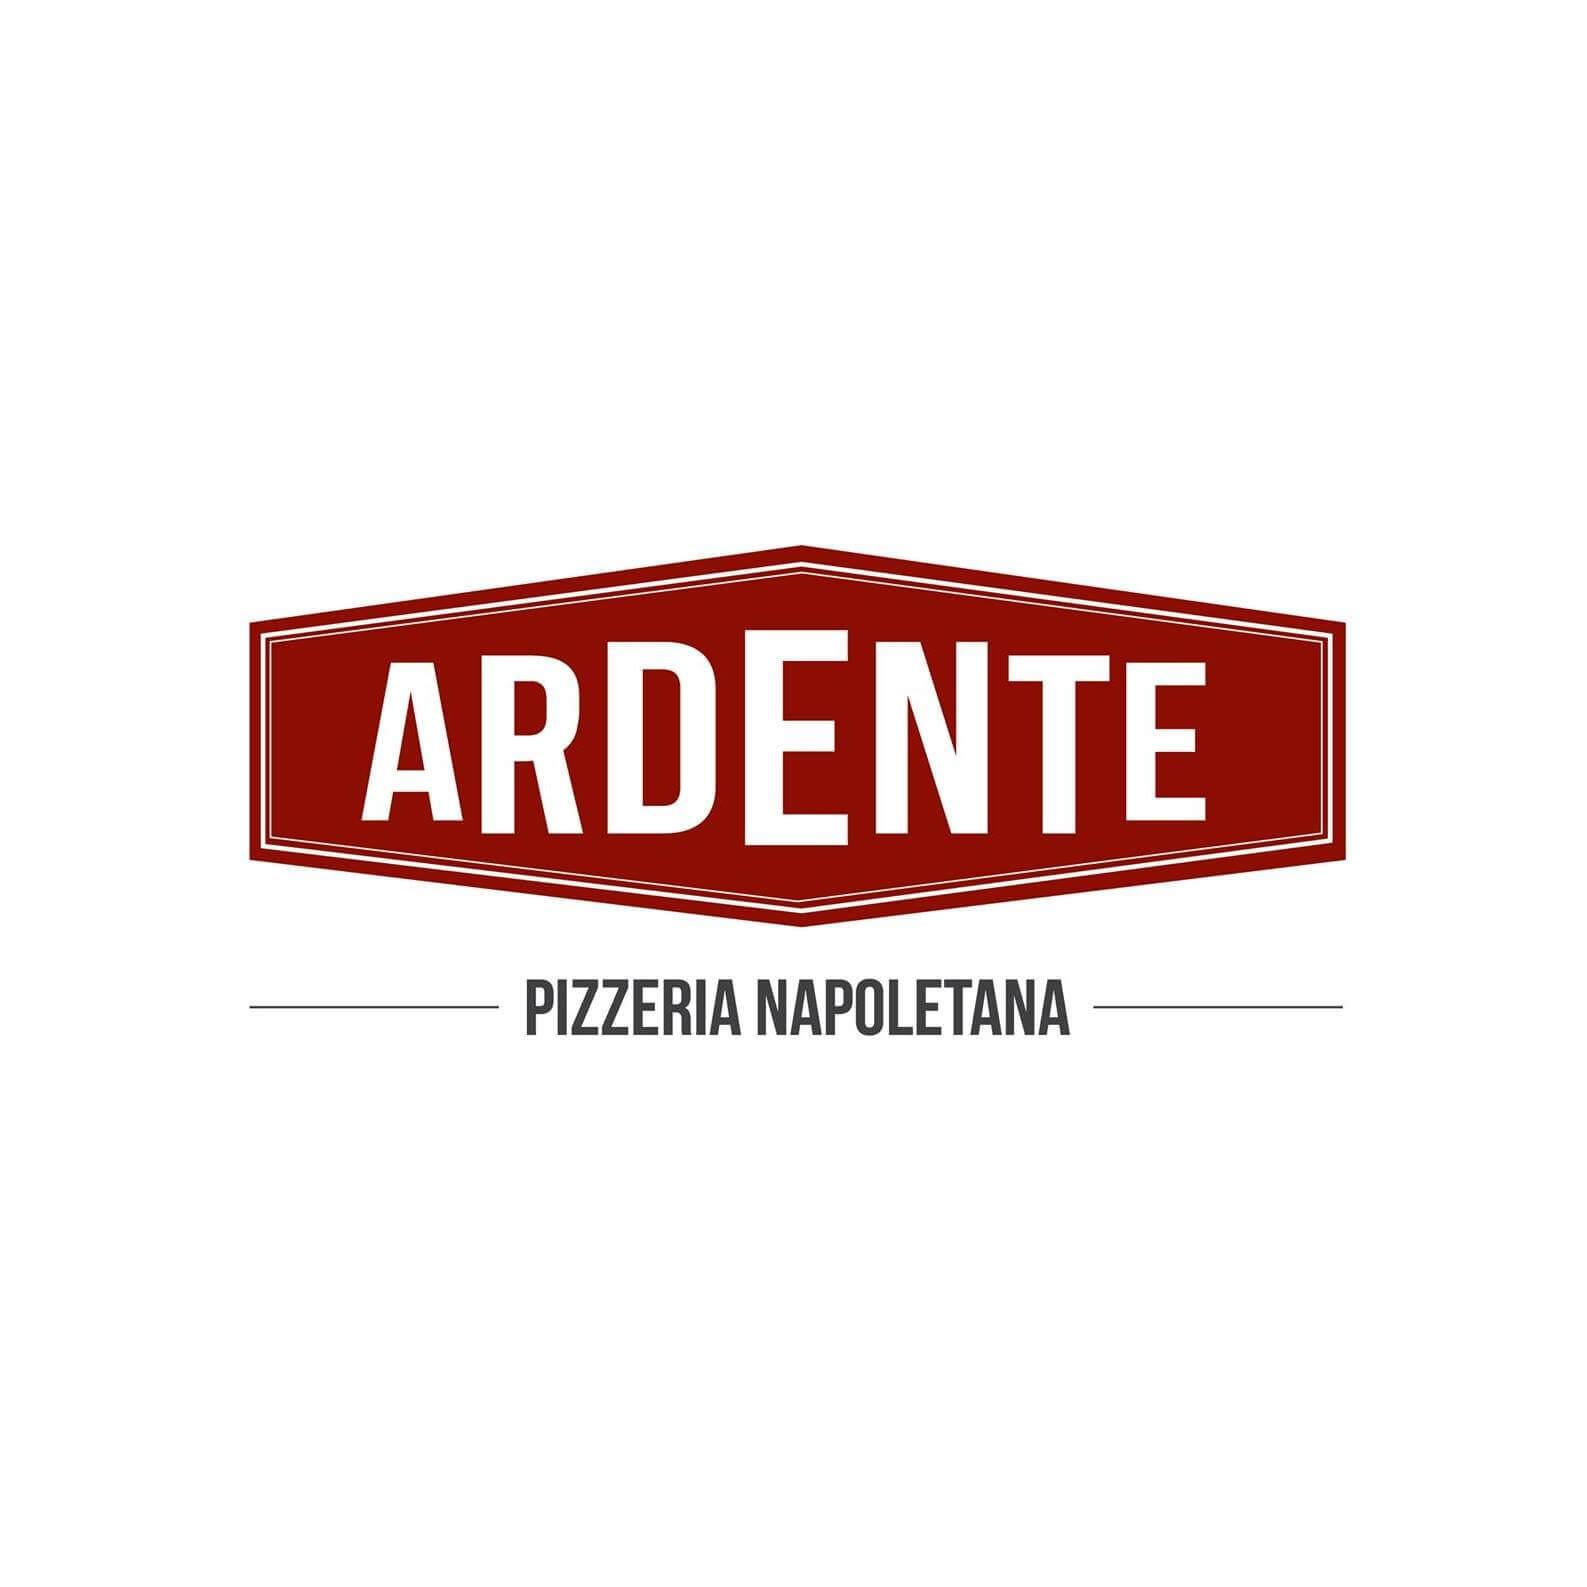 Ardente Pizzeria Napoletana Logo